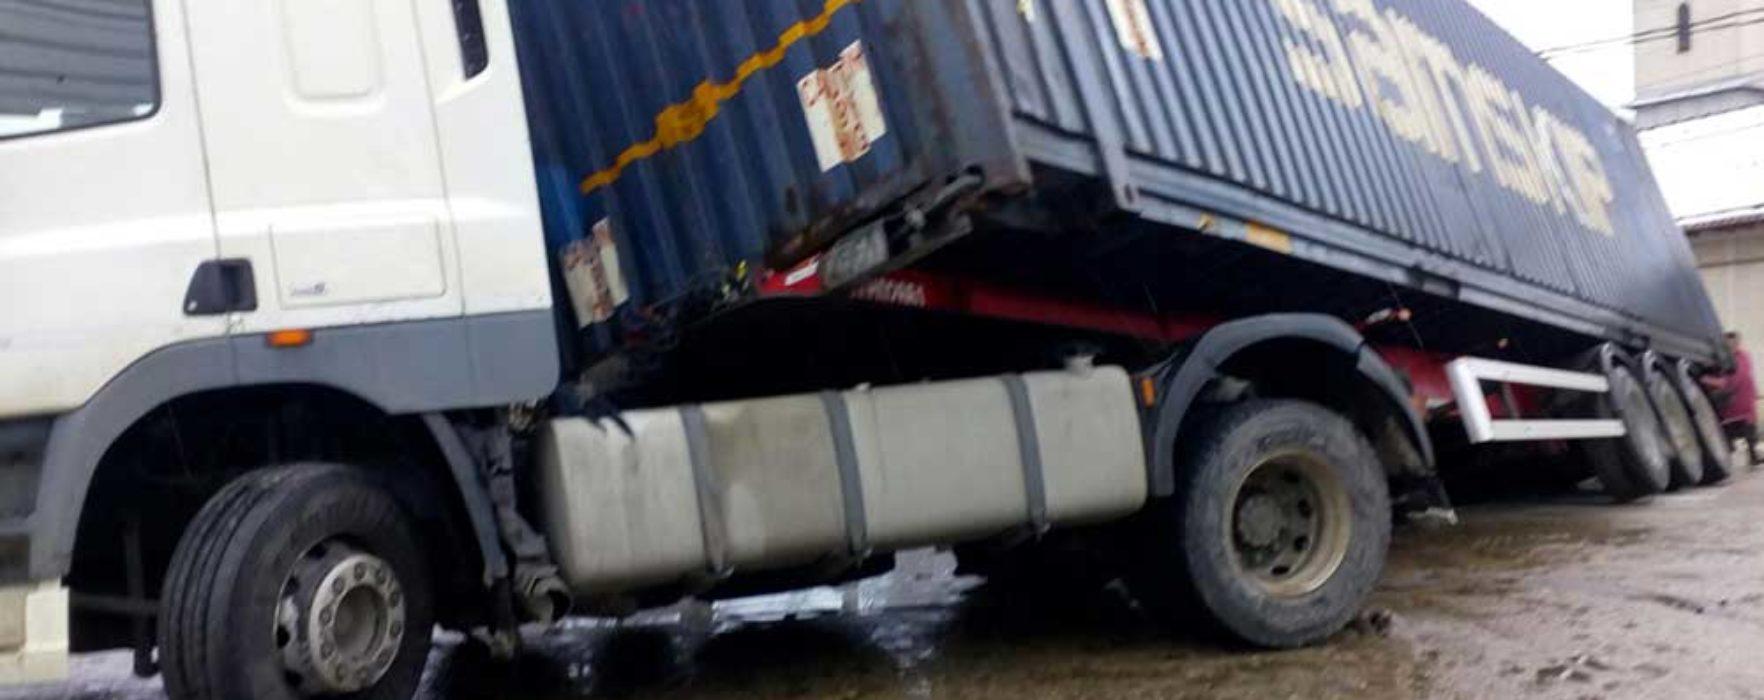 Dâmboviţa: Circulaţia pe DJ 712 este blocată în zona Brăneşti, după ce un TIR s-a răsturnat